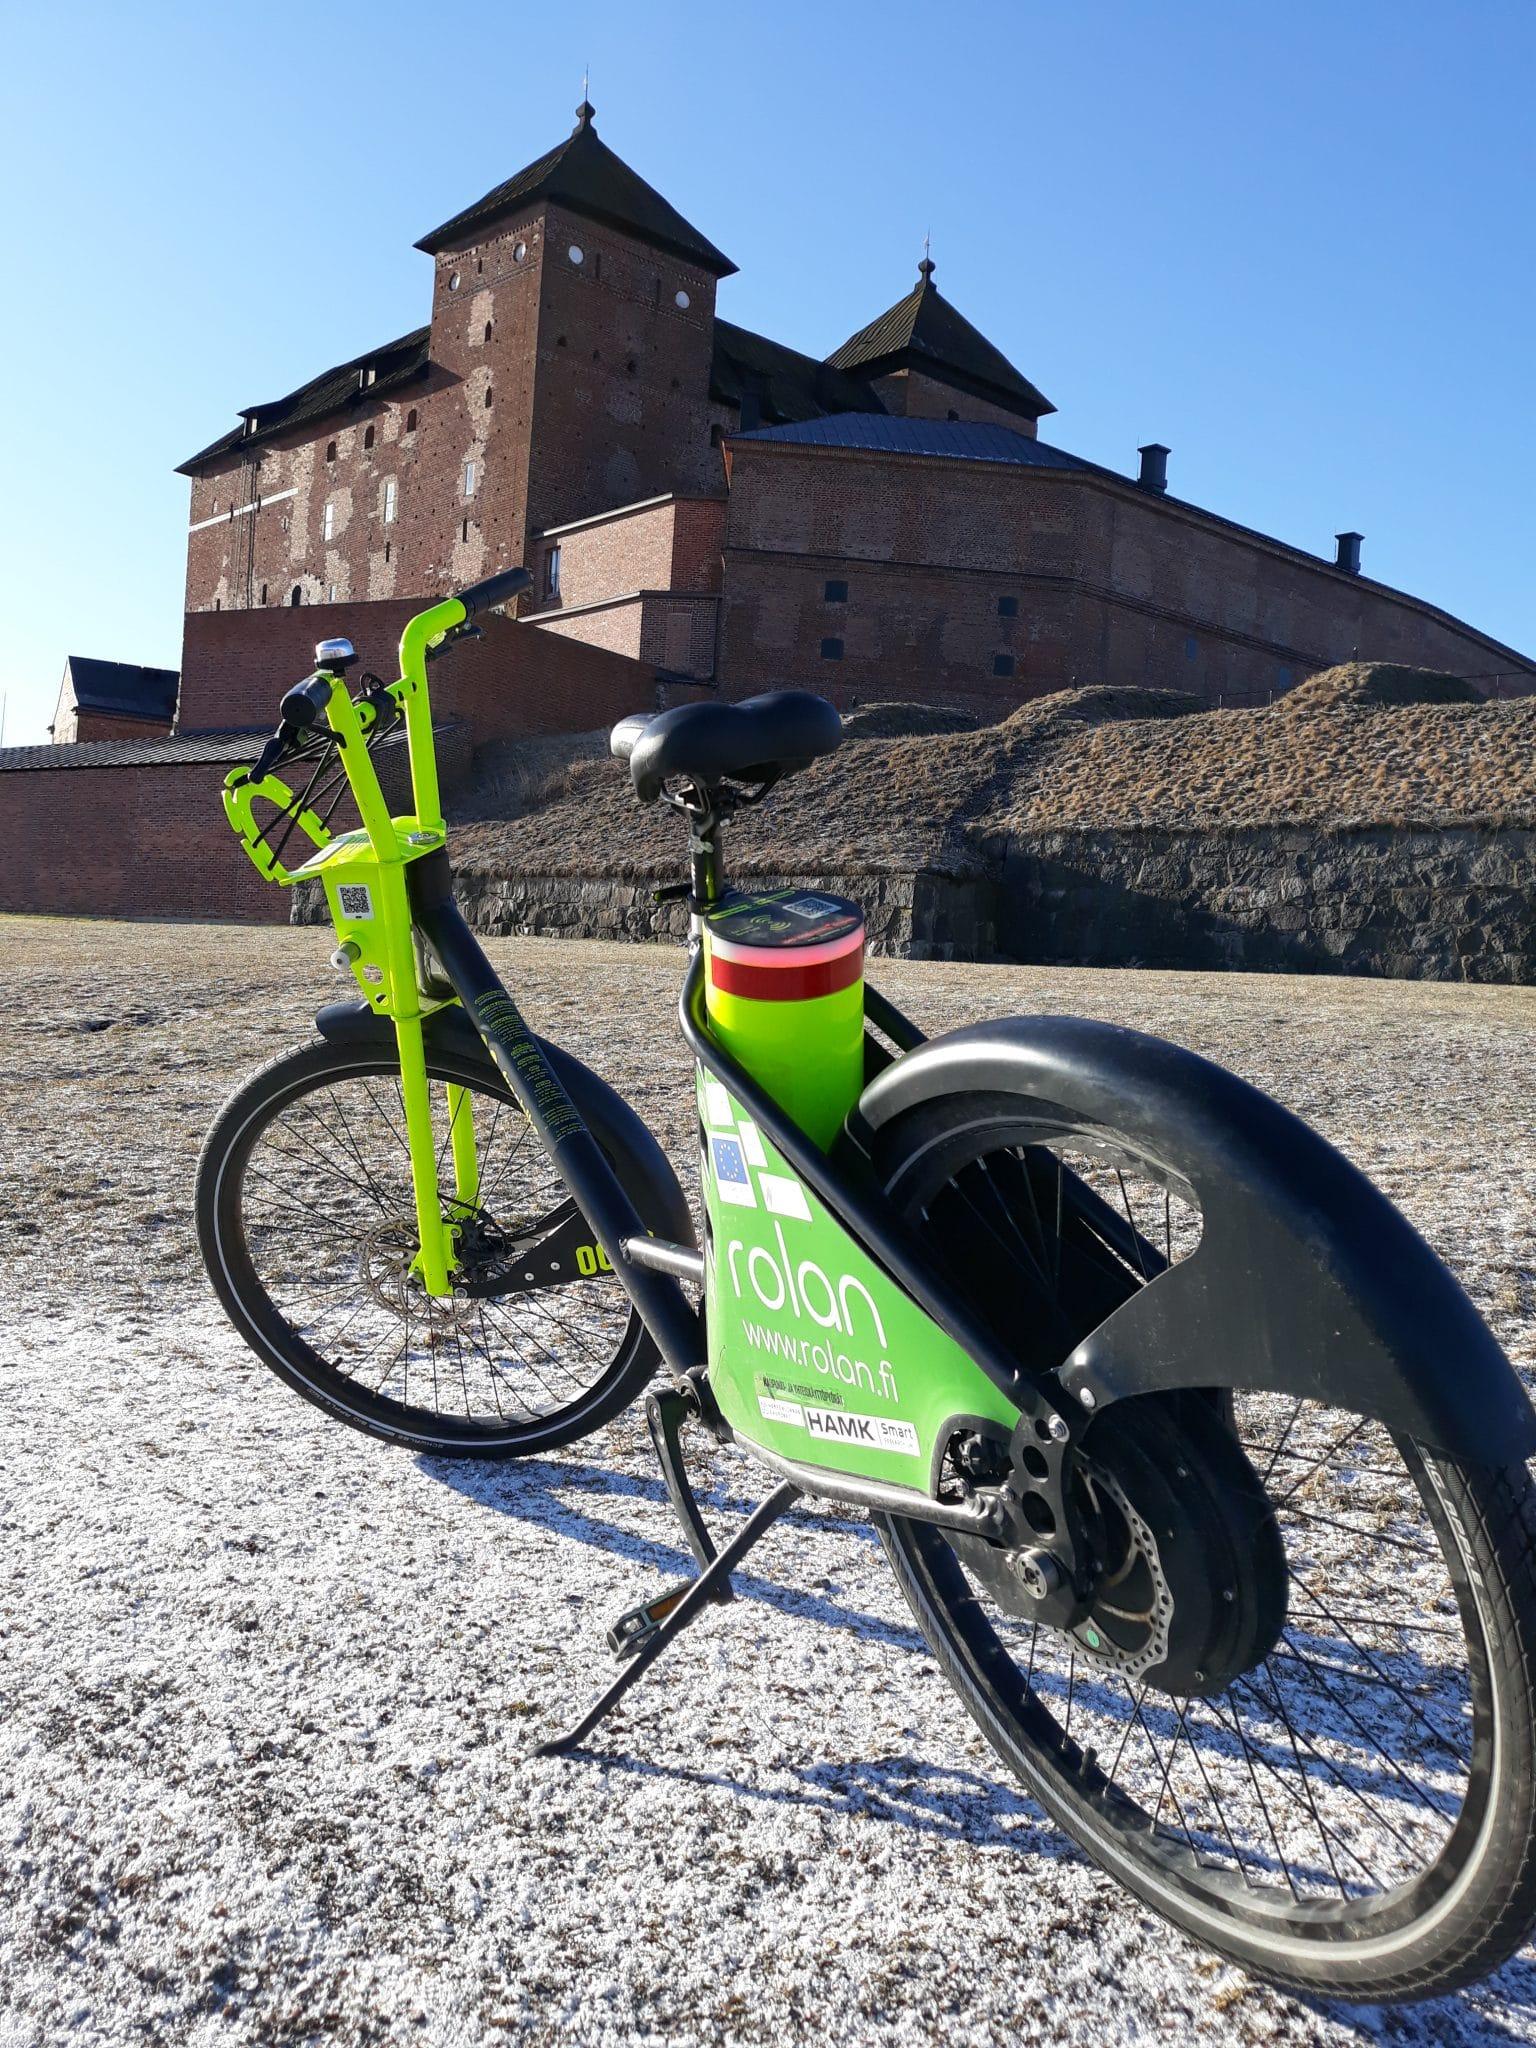 Kaupunkisähköpyörä parkkeerattuna Hämeen linnan edustalla